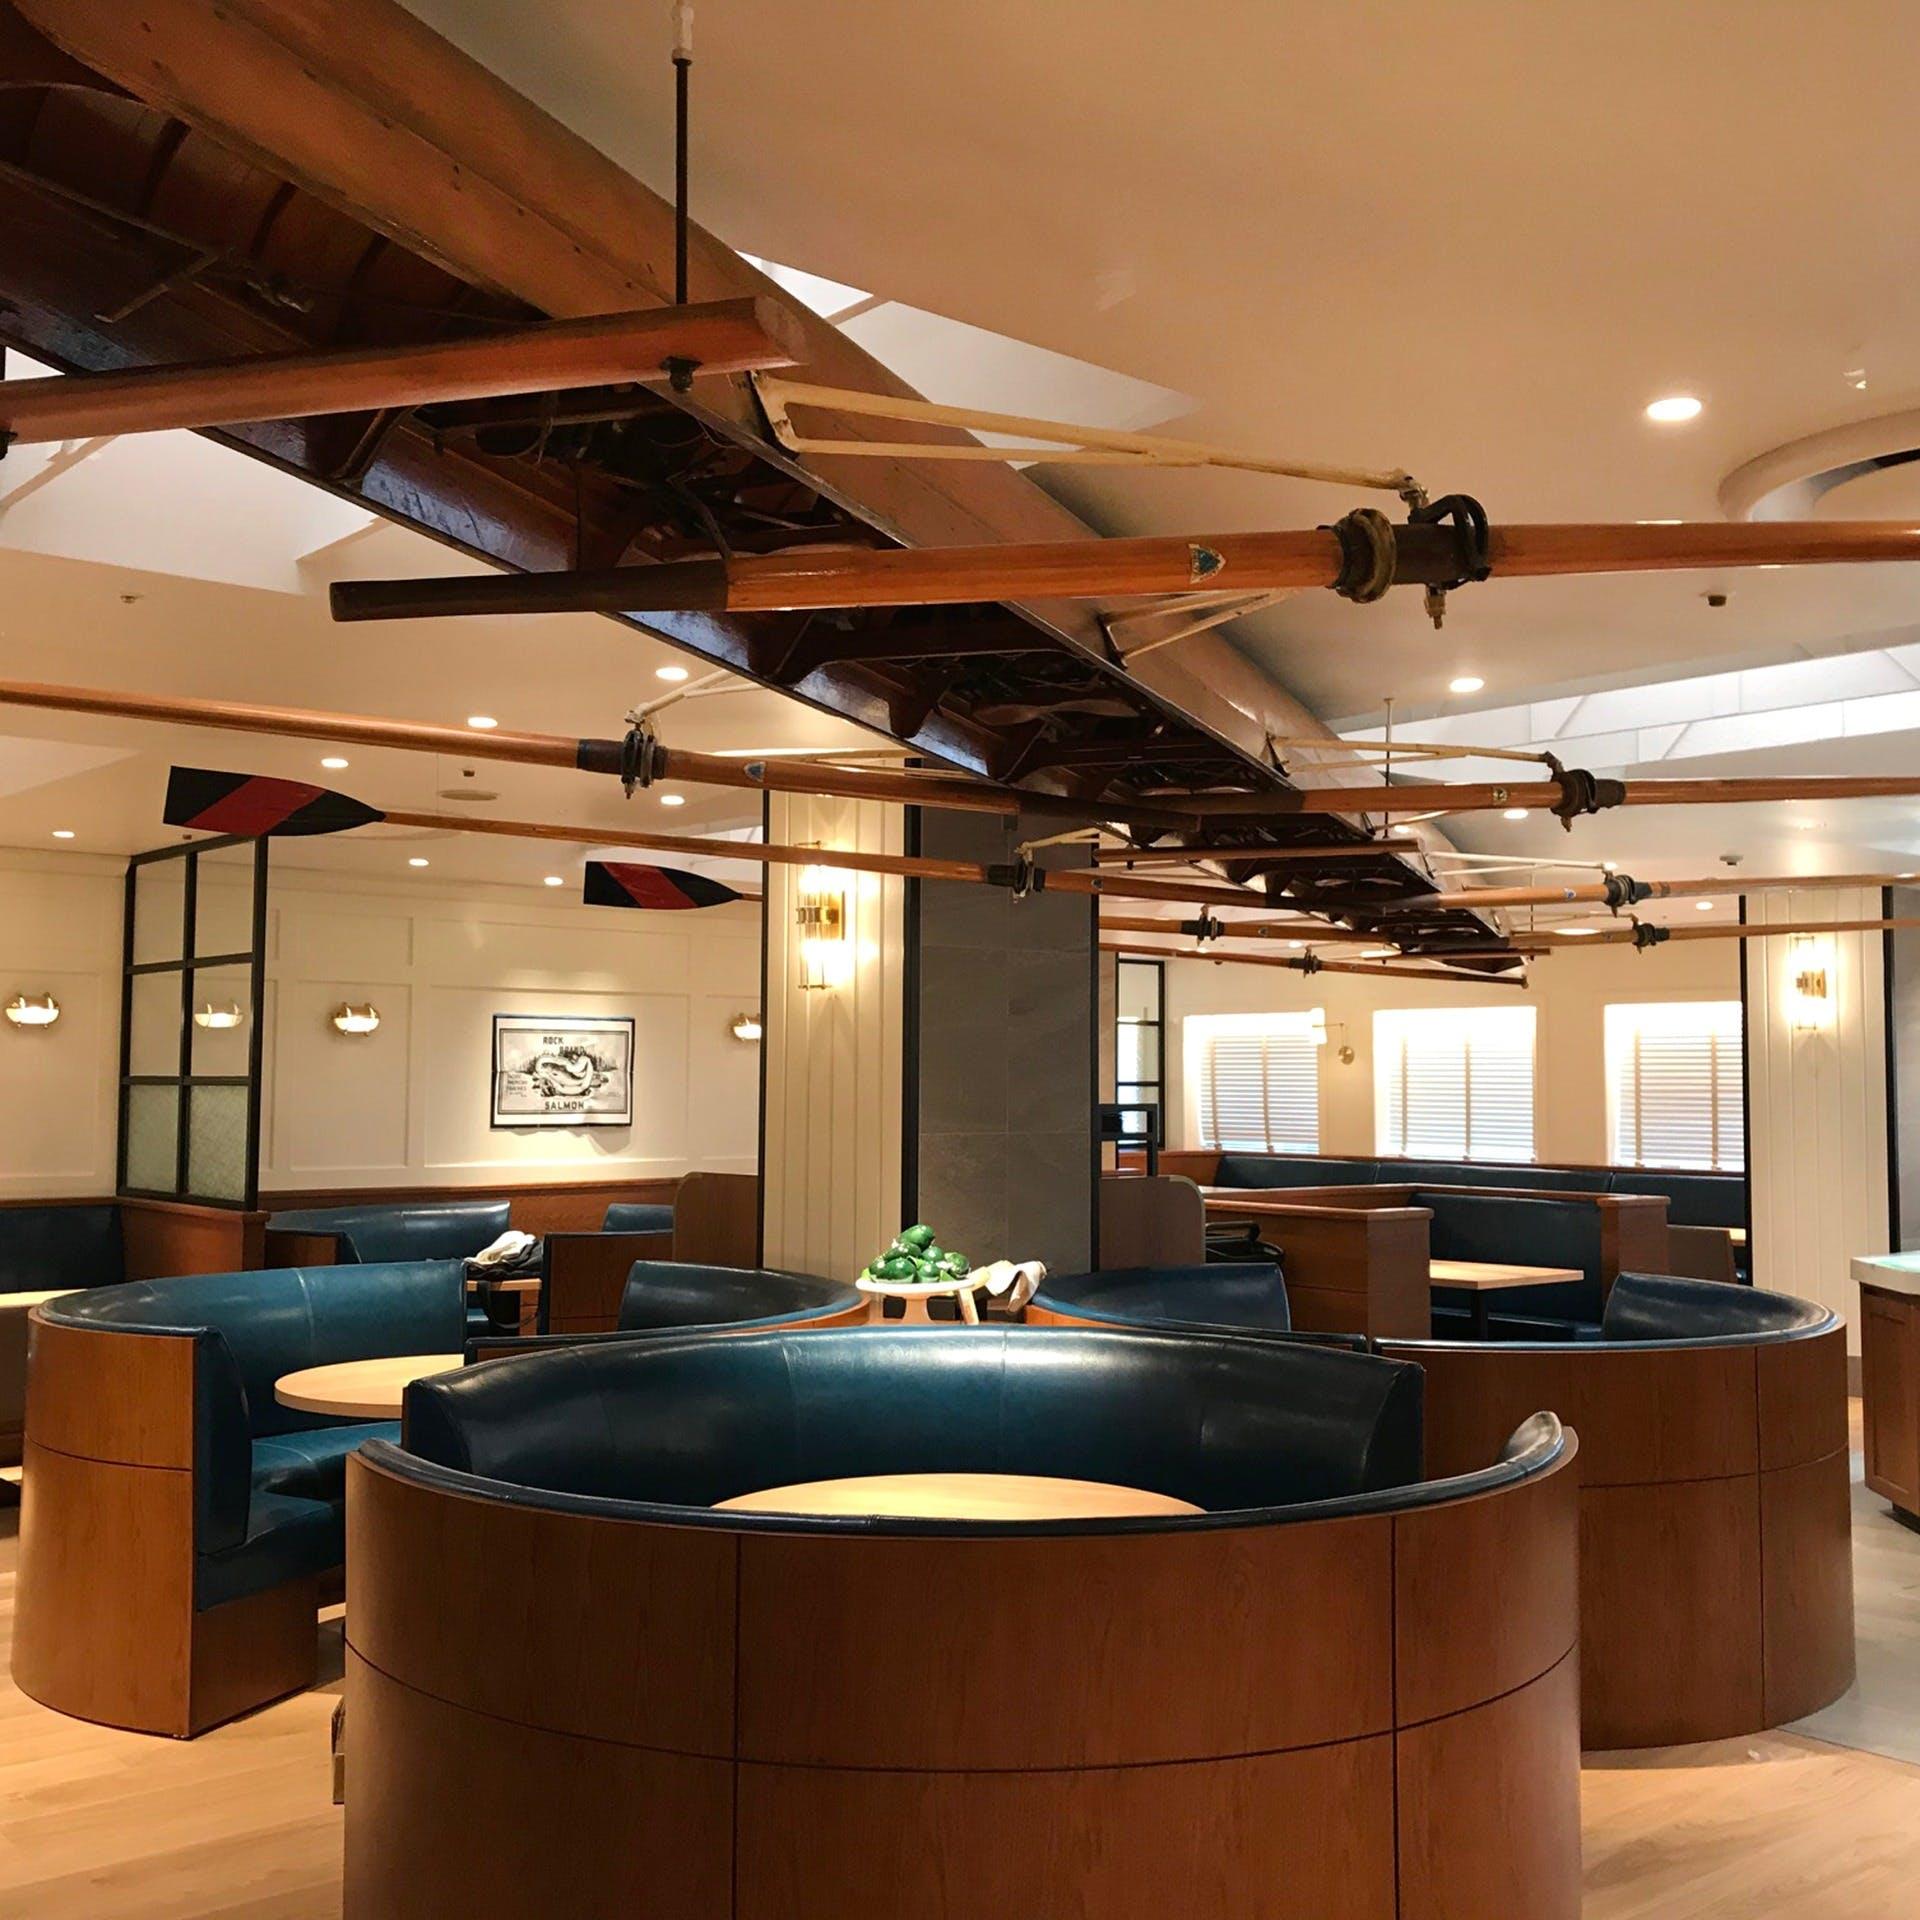 明るく、ここちよいアメリカ西海岸のシーフードレストランをイメージした空間